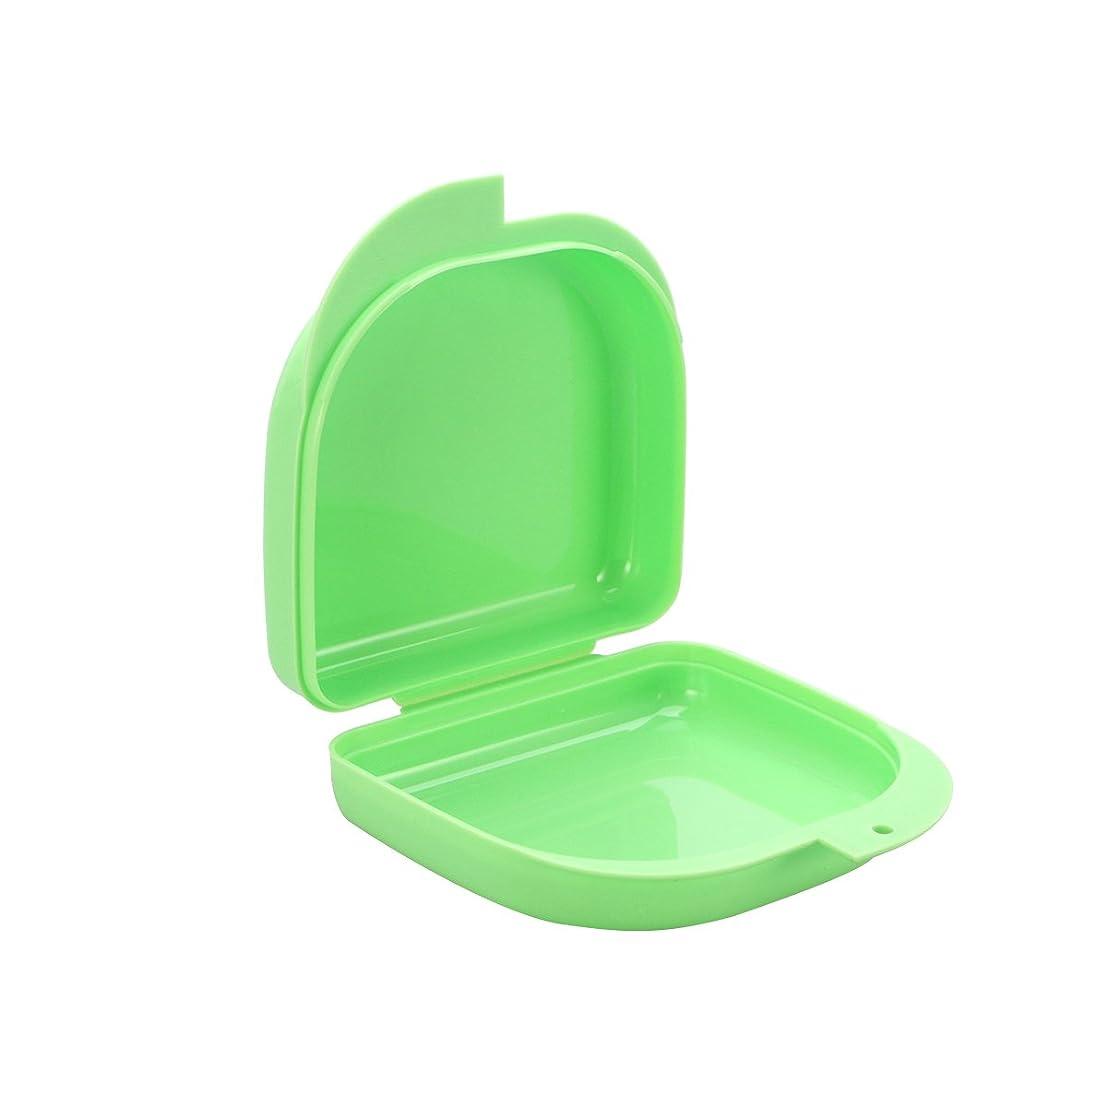 プレゼンター使用法植物学者SUPVOX マウスガードケース義歯収納容器付き通気孔と蝶番付きフタ留め金具歯科矯正歯科リテーナーボックス2個